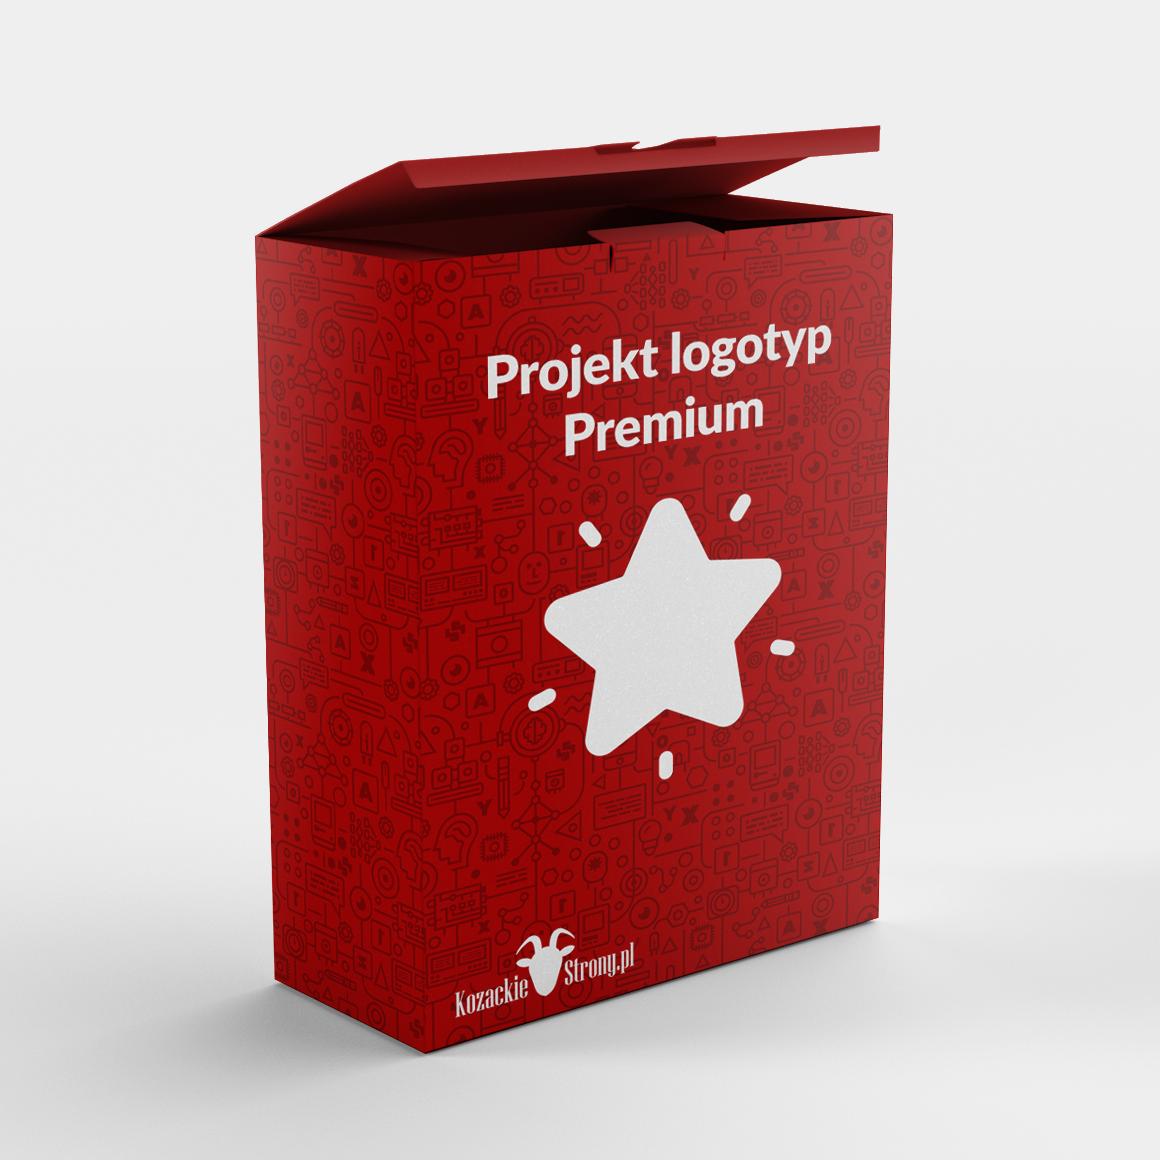 Projekt logotypu Premium KozackieStrony.pl